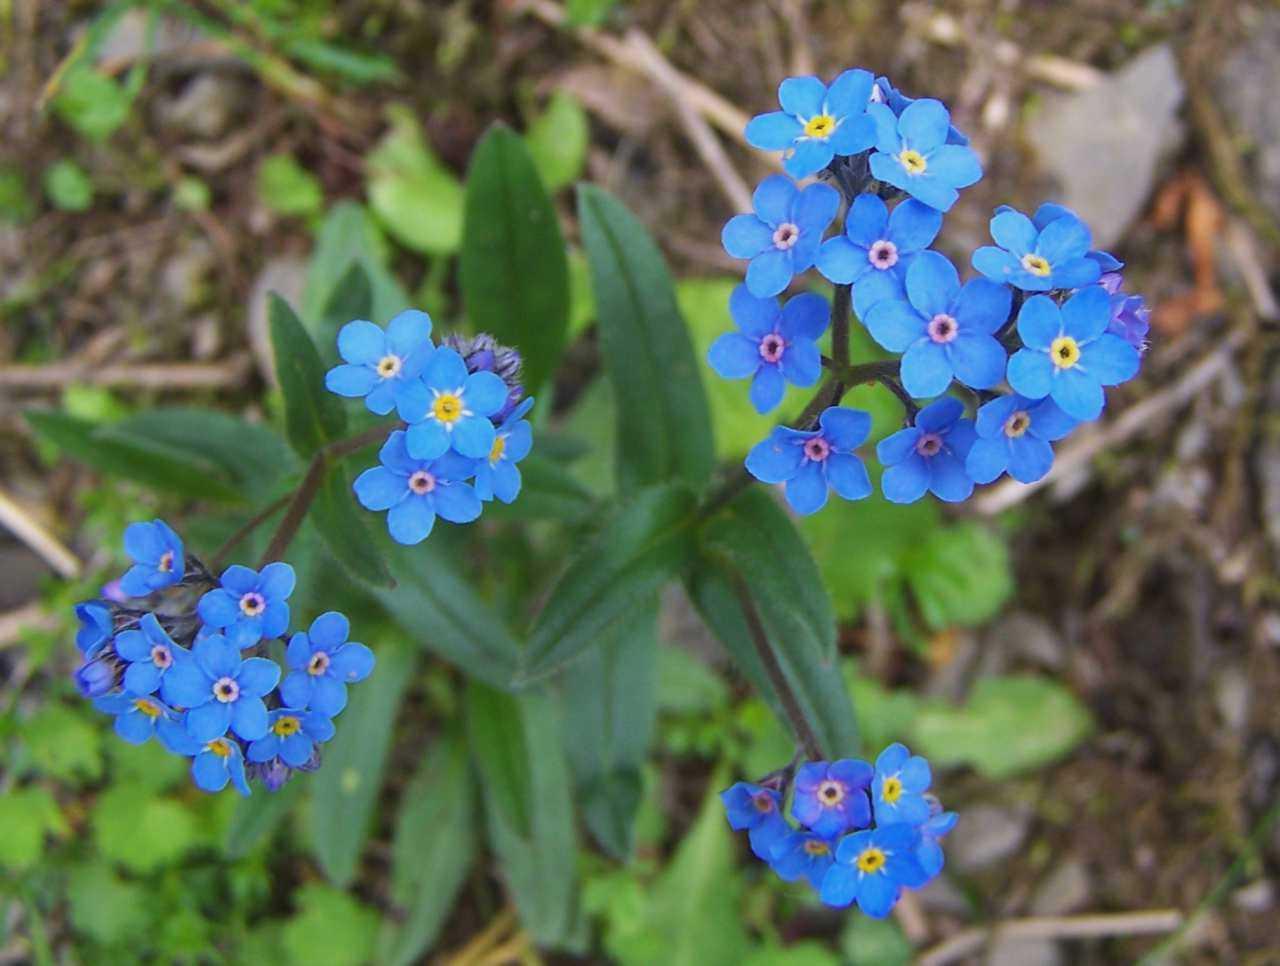 Hình ảnh những cánh hoa lưu ly bé nhỏ xinh xinh